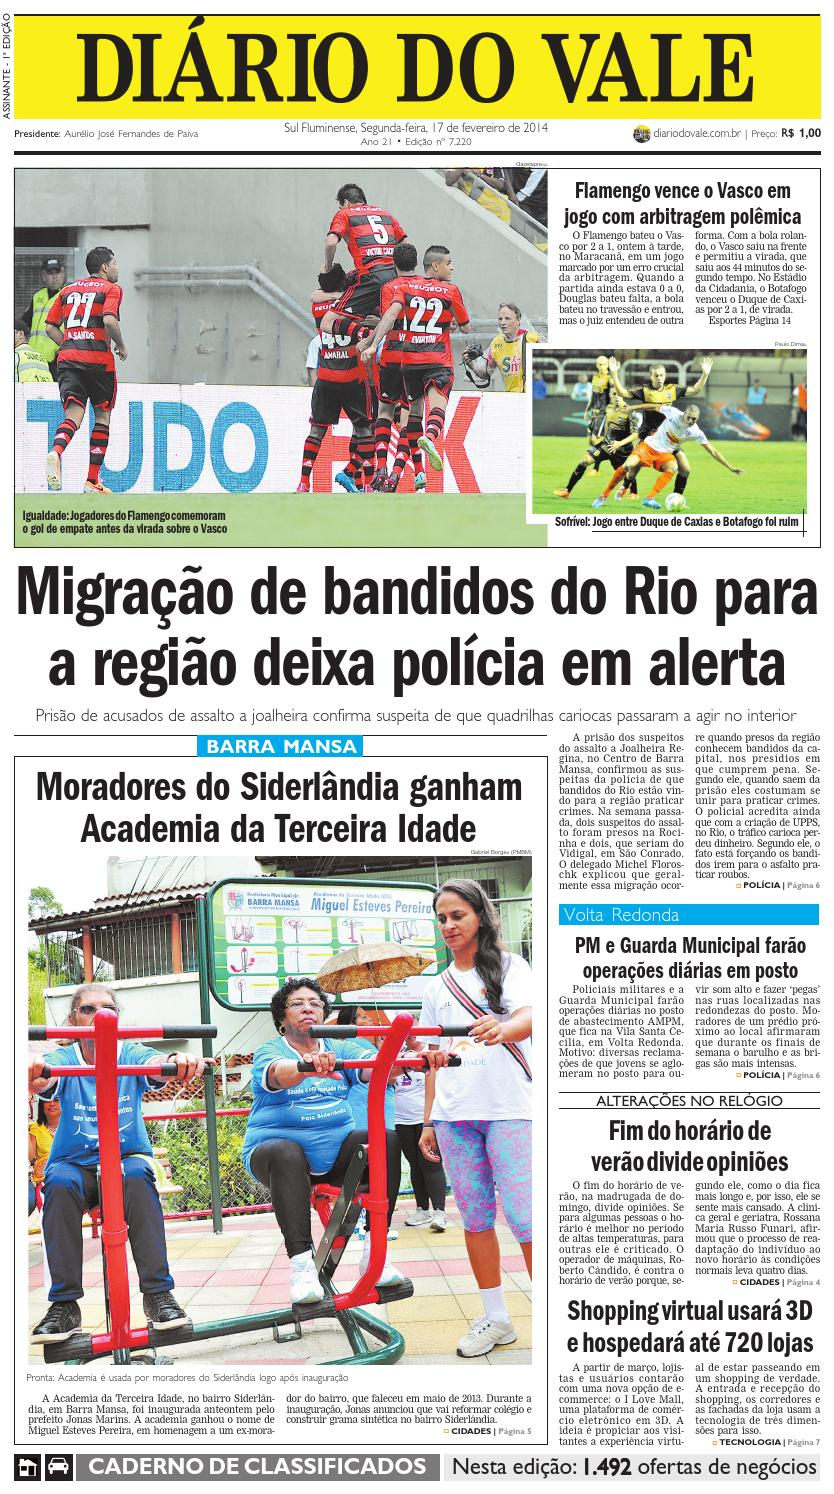 097a83b23d9 7220 diario segunda feira 17 02 2014 by Diário do Vale - issuu